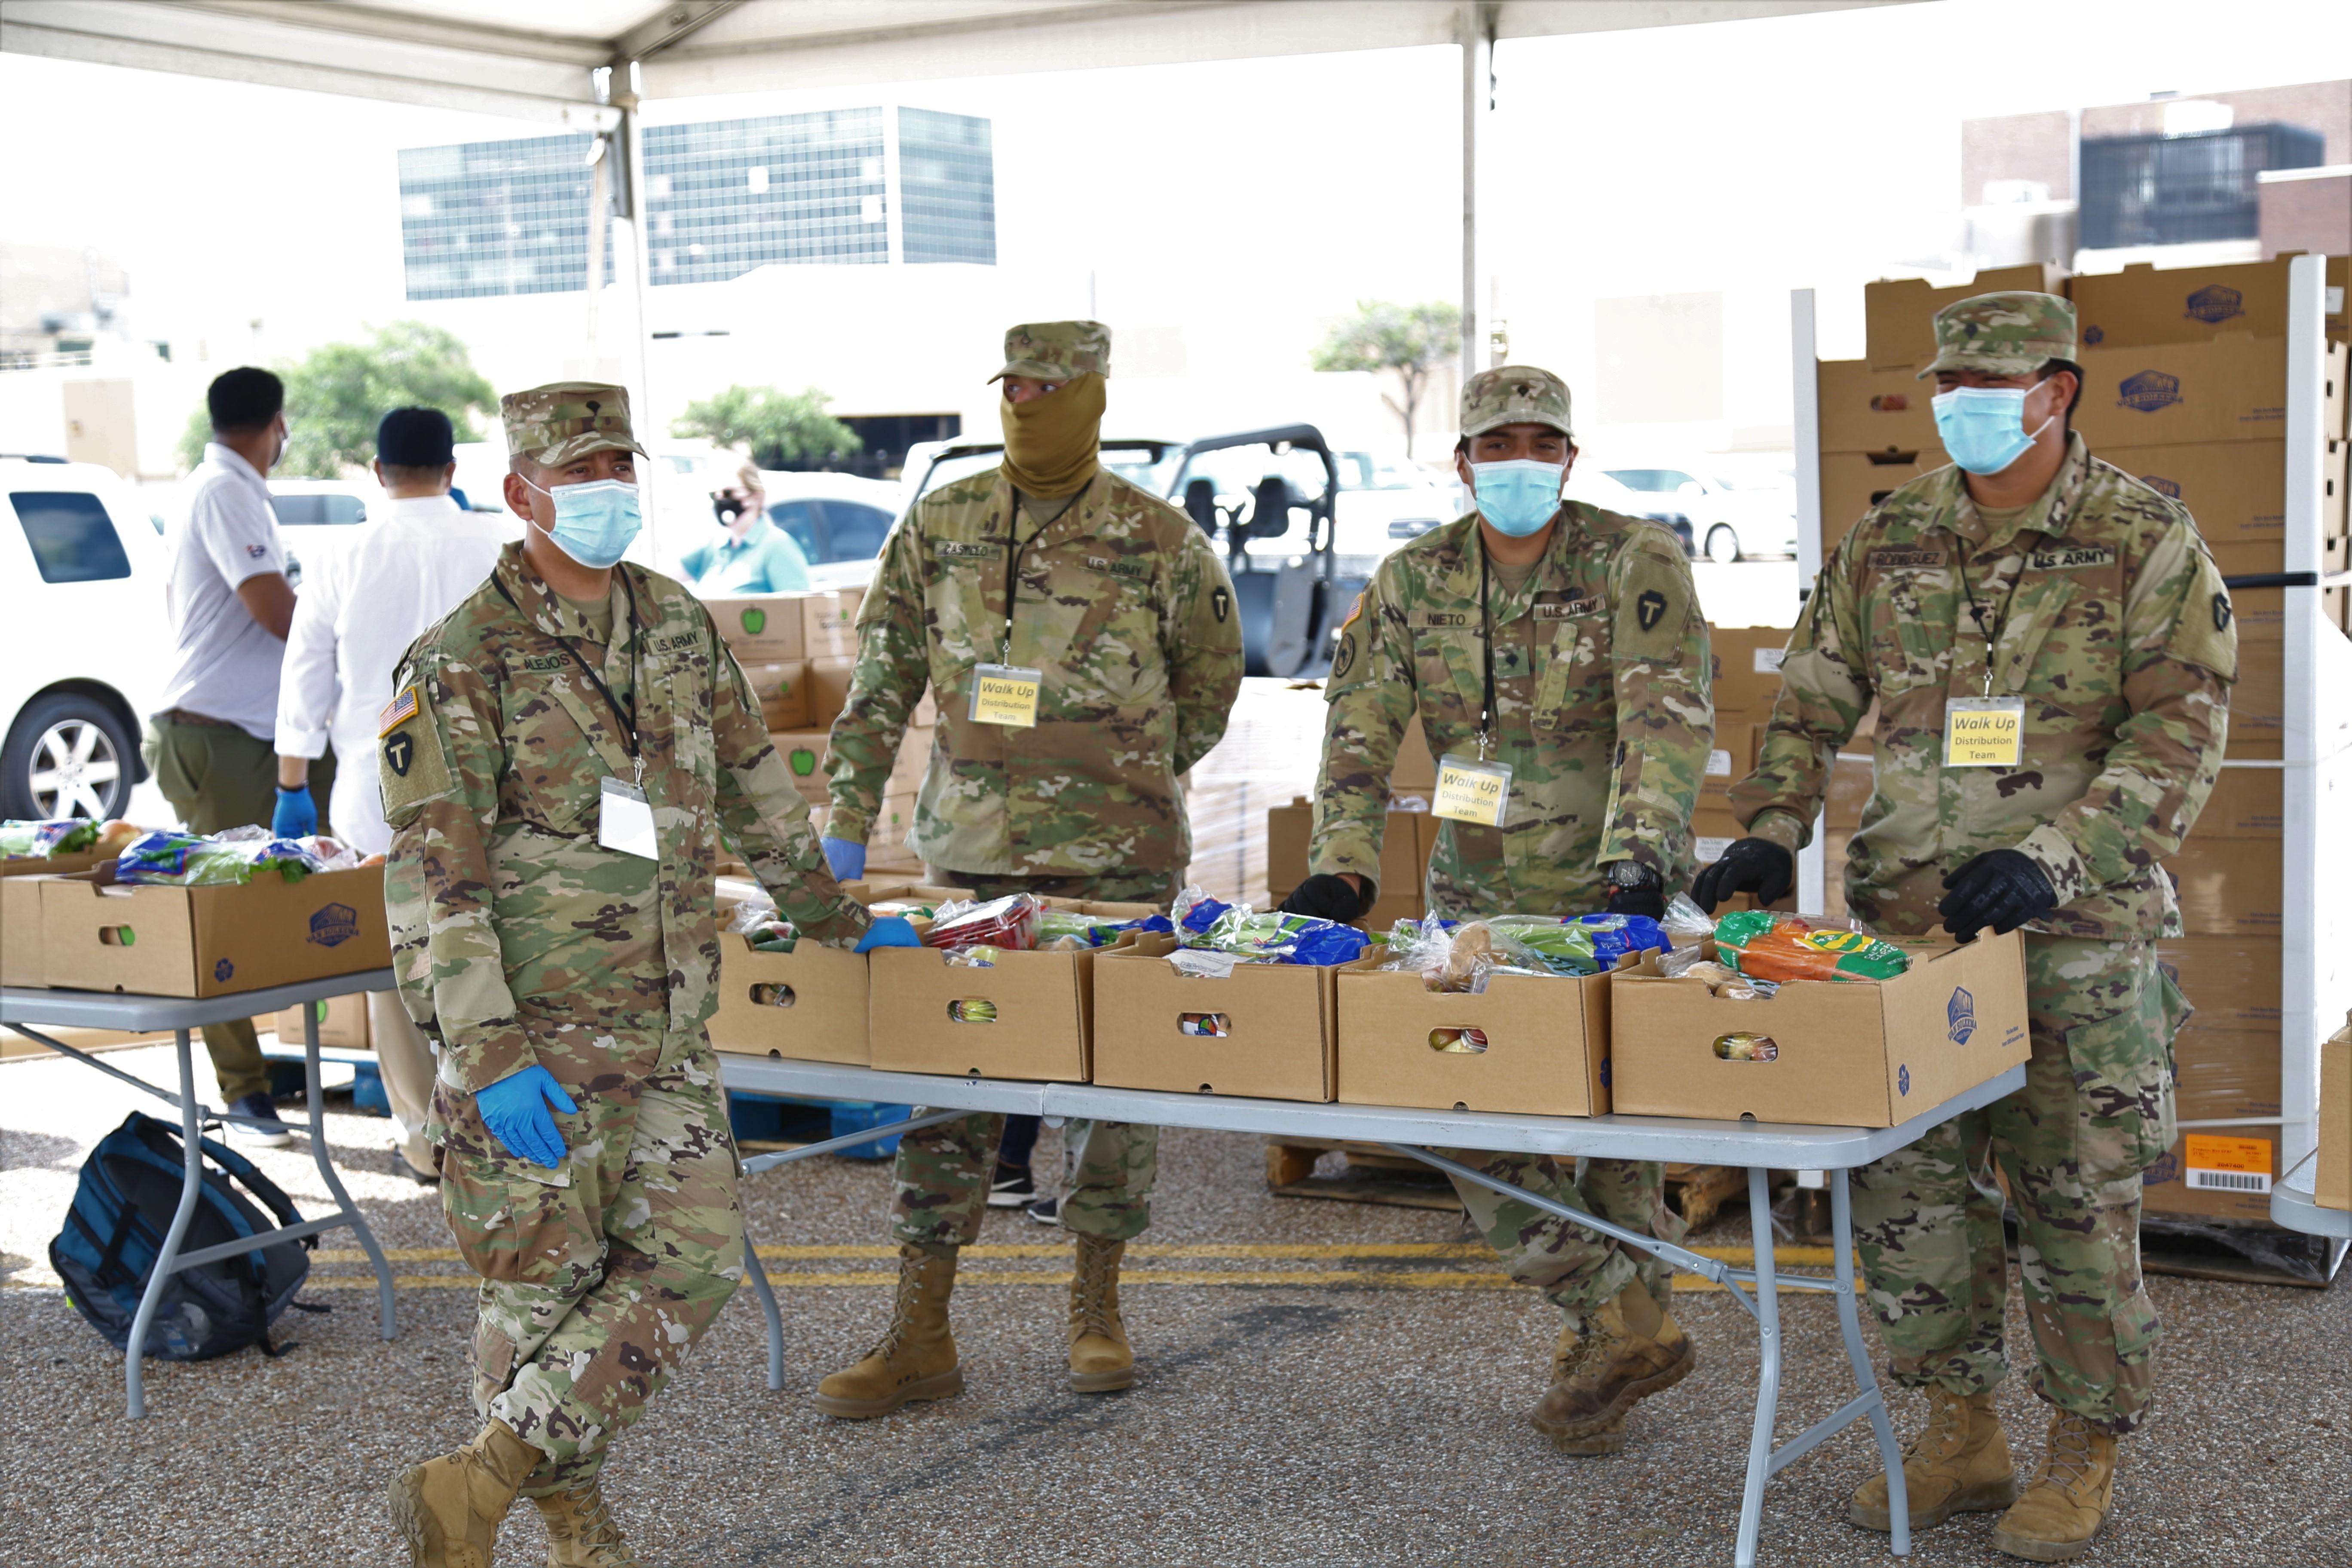 國民兵派員協助搬運食品。